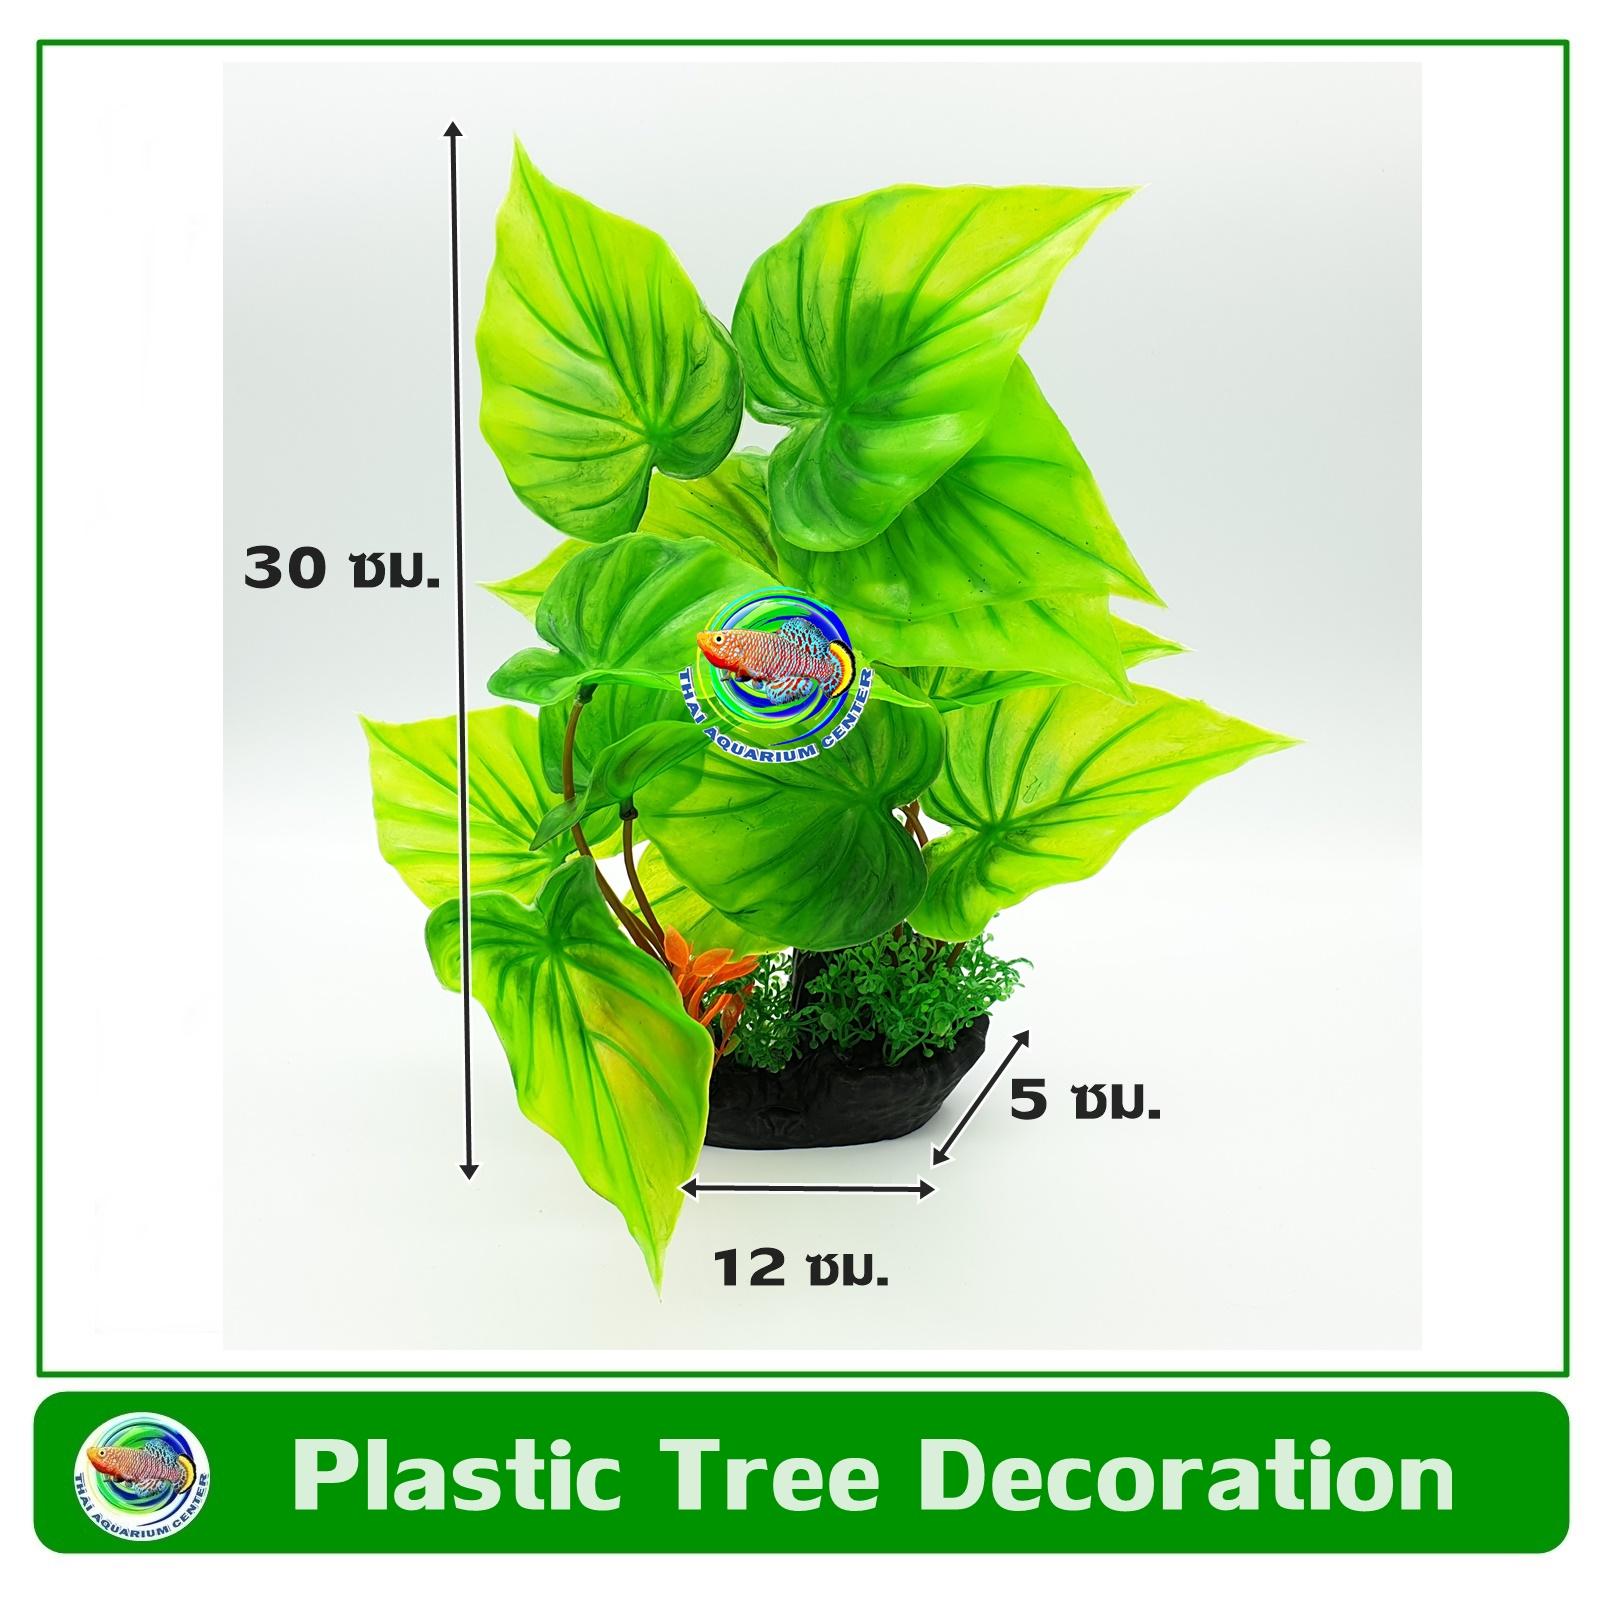 T041 ต้นไม้พลาสติก ใบบัว สีเขียว ใช้ตกแต่งตู้ปลา Green colour Leaf Tree